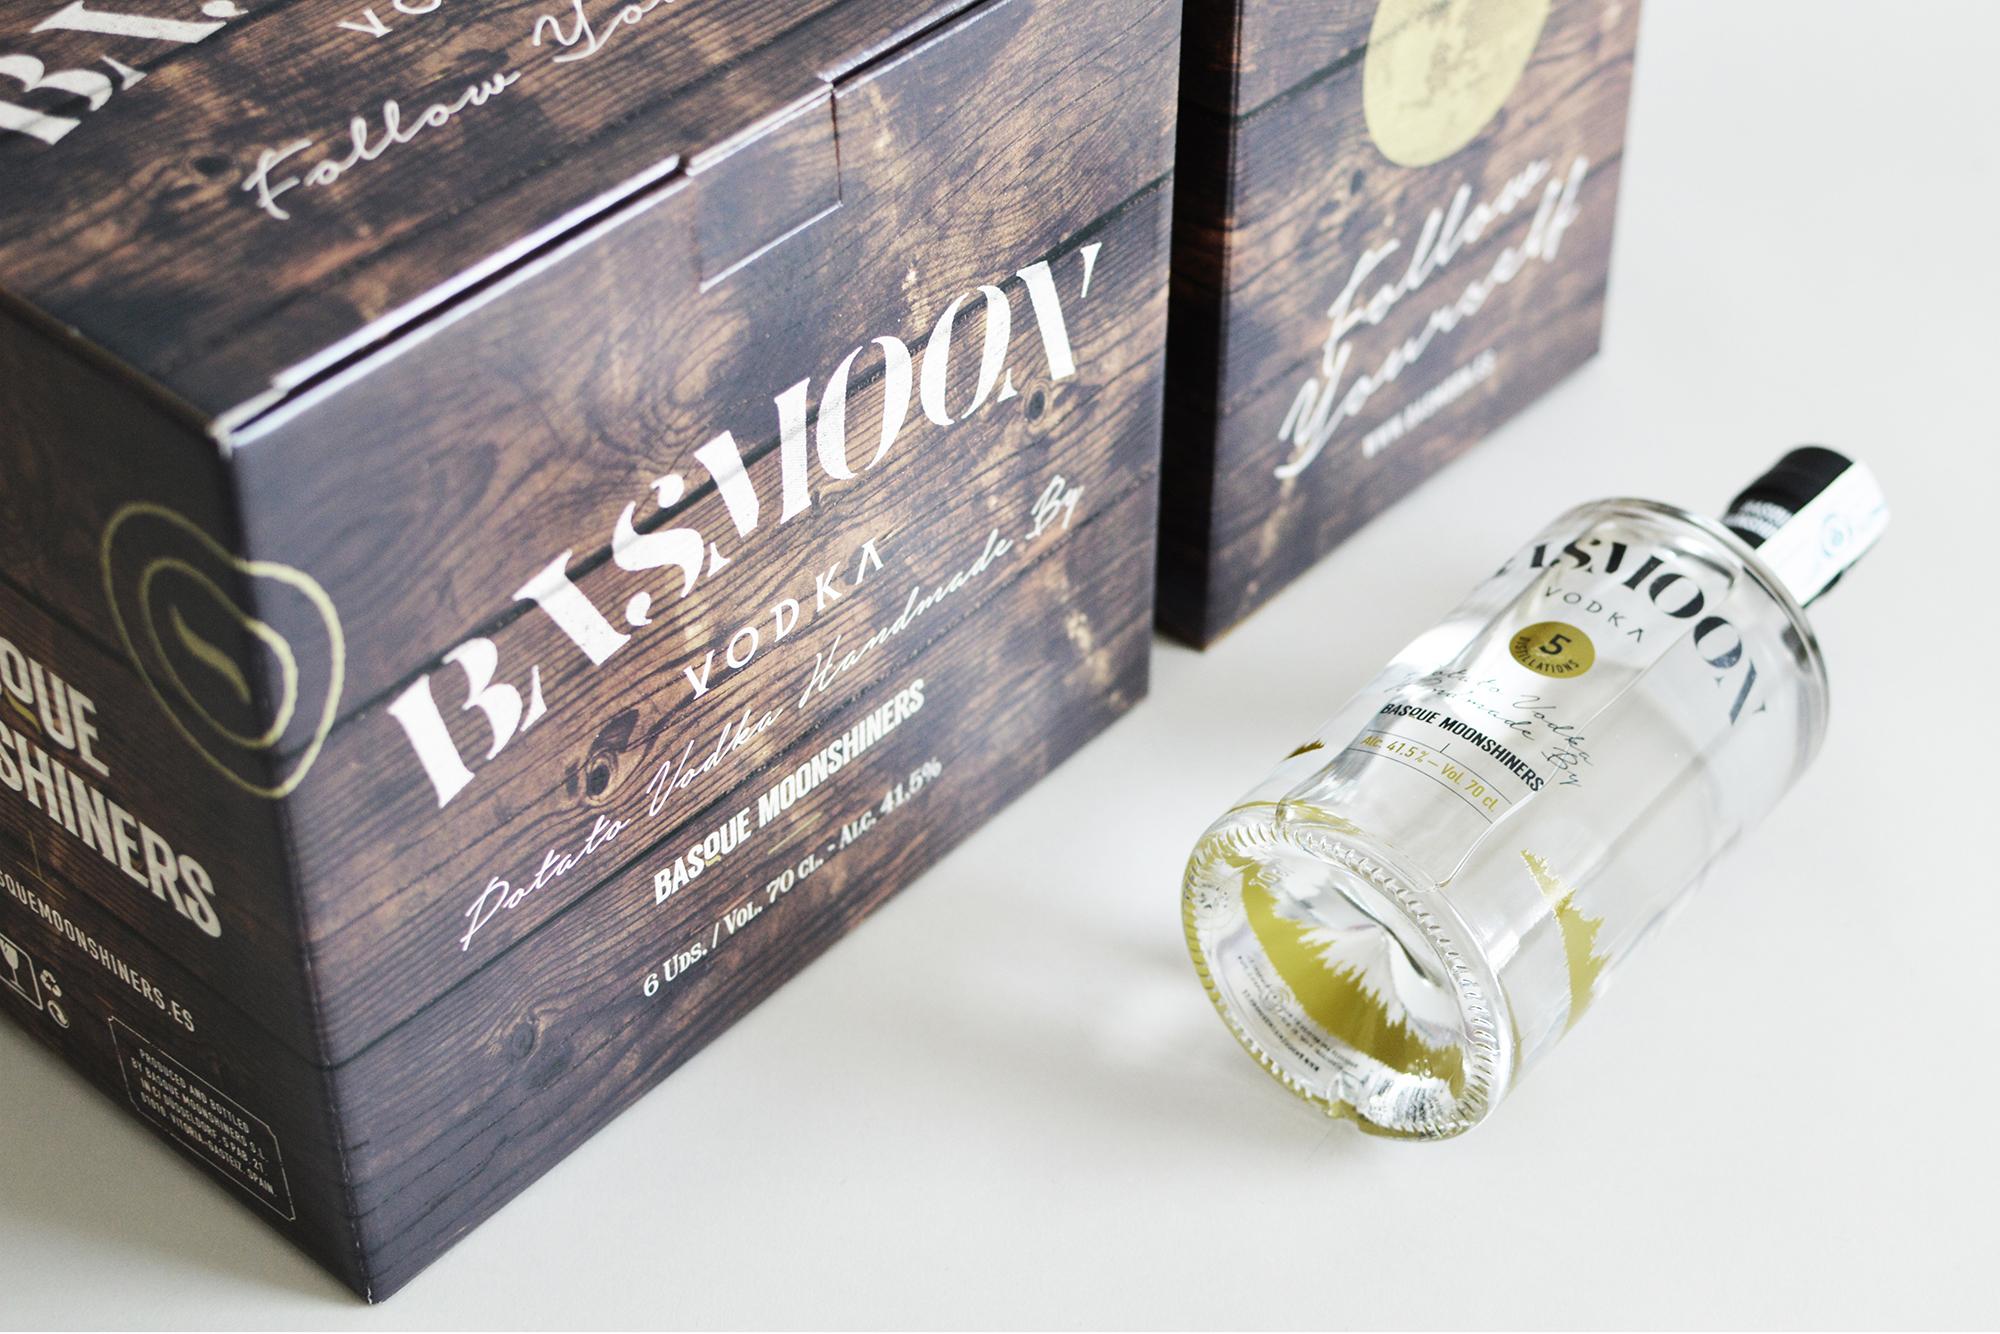 Basmoon-Vodka-4